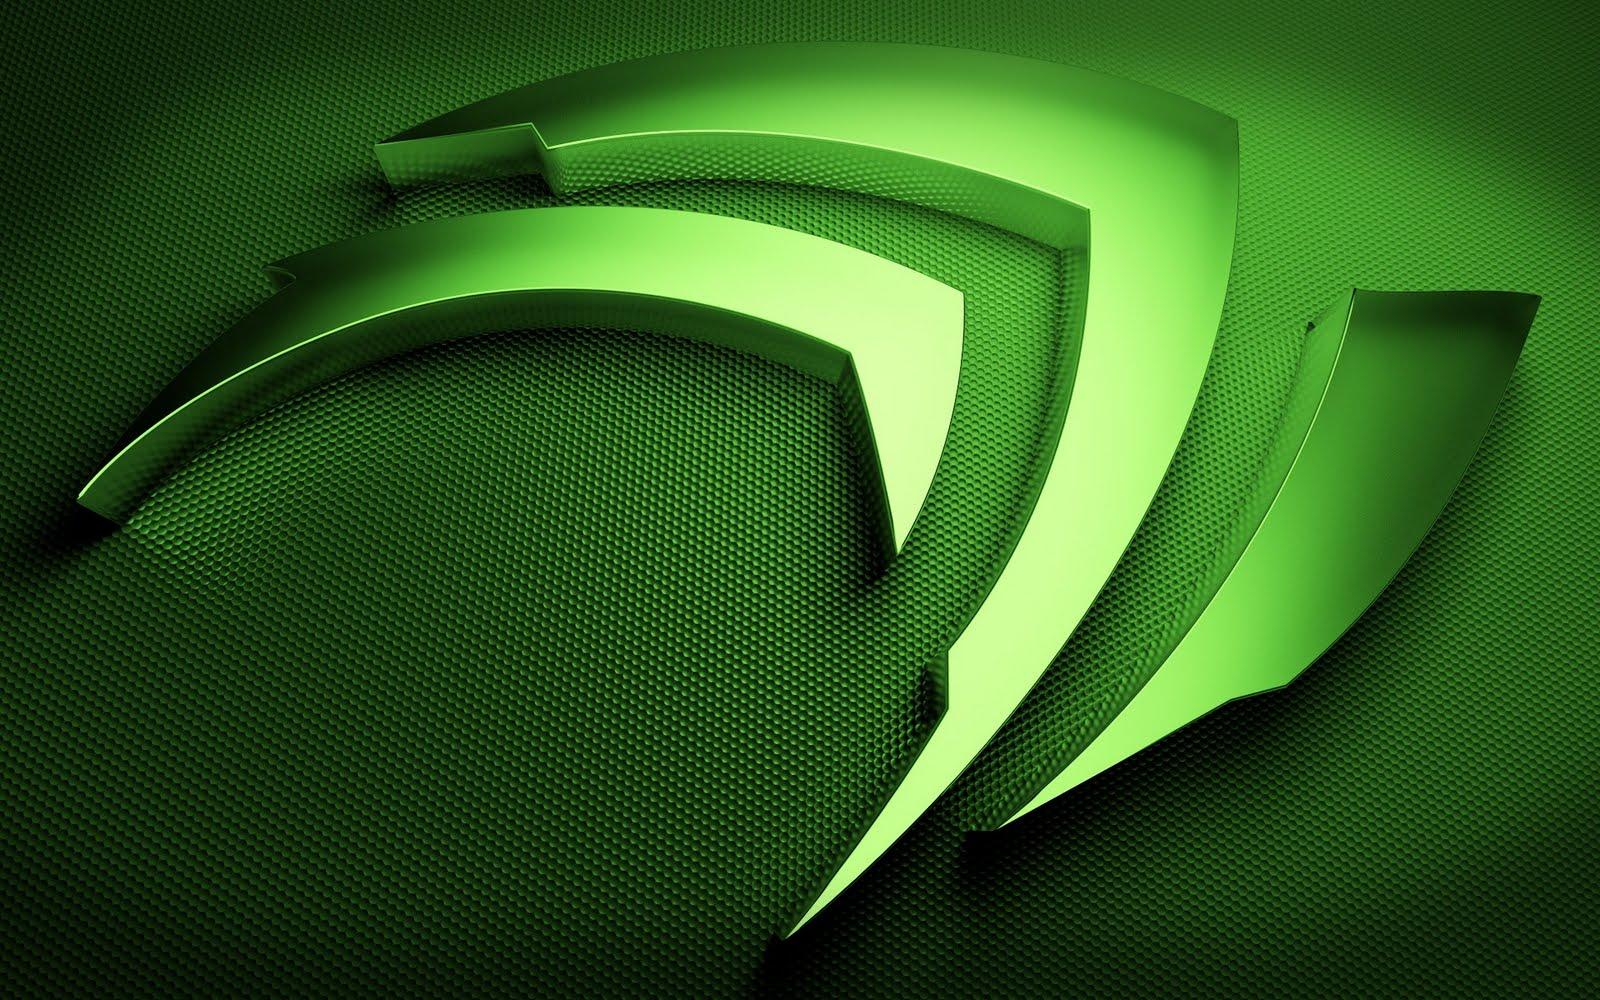 http://1.bp.blogspot.com/-ryMKT88omr0/Tc9fcNgkbKI/AAAAAAAABng/xzfdv5gop_Q/s1600/NVidia_logo_hd_green_wallpaper.jpg